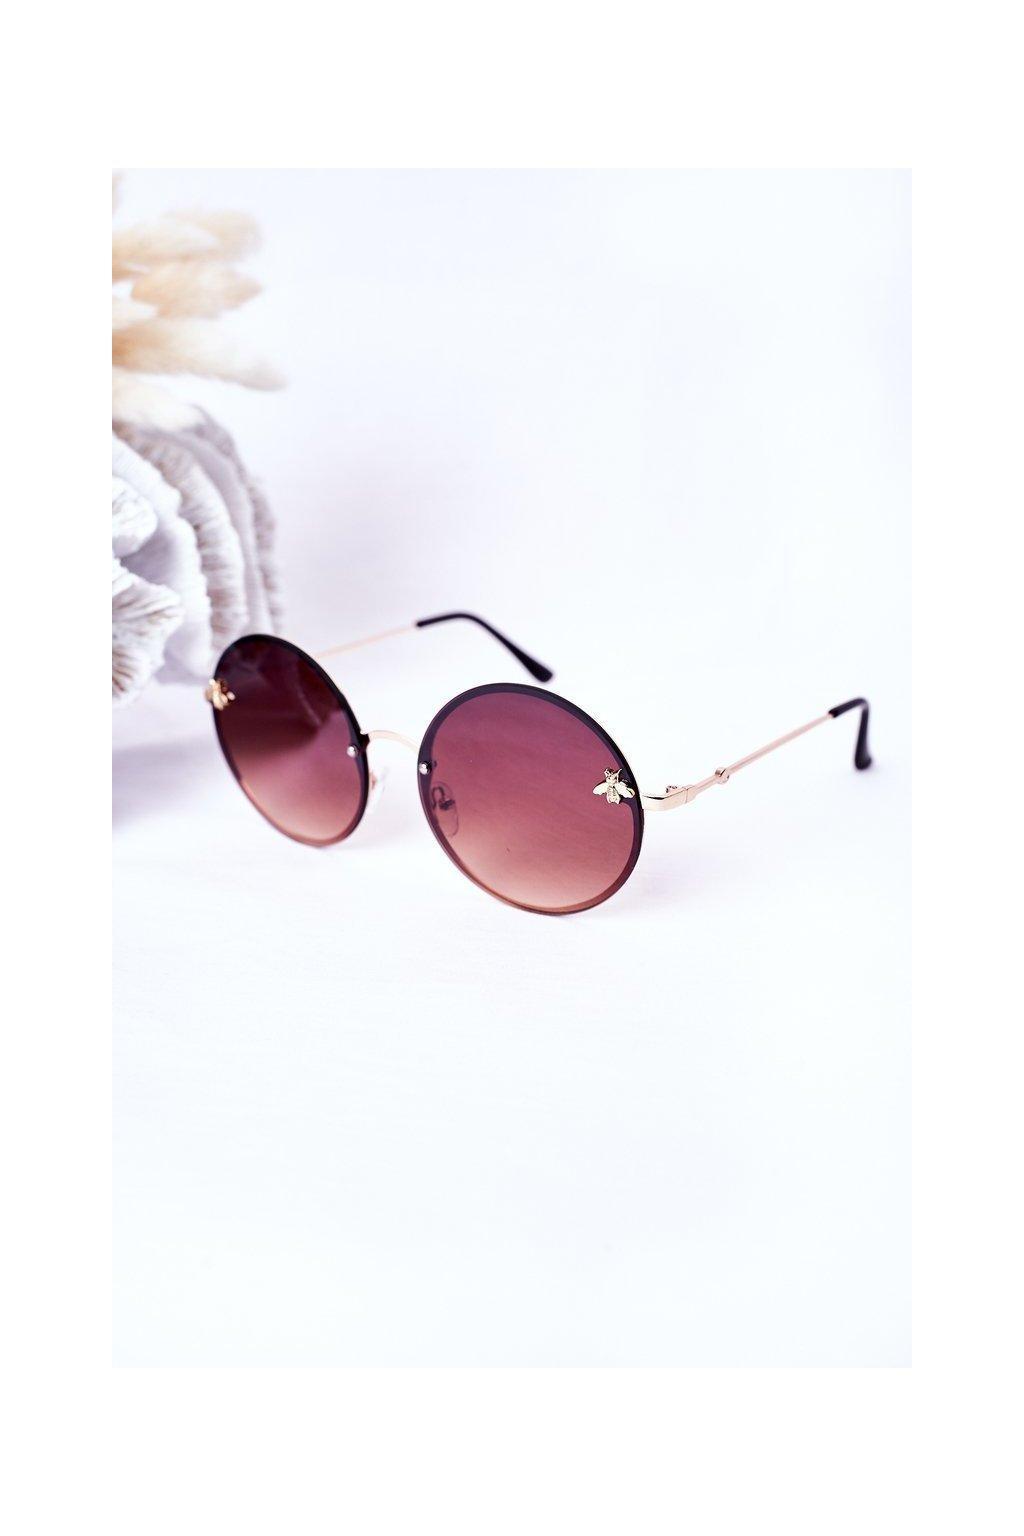 Módne slnečné okuliare VINSENT hnedé VINSENT005 BROWN